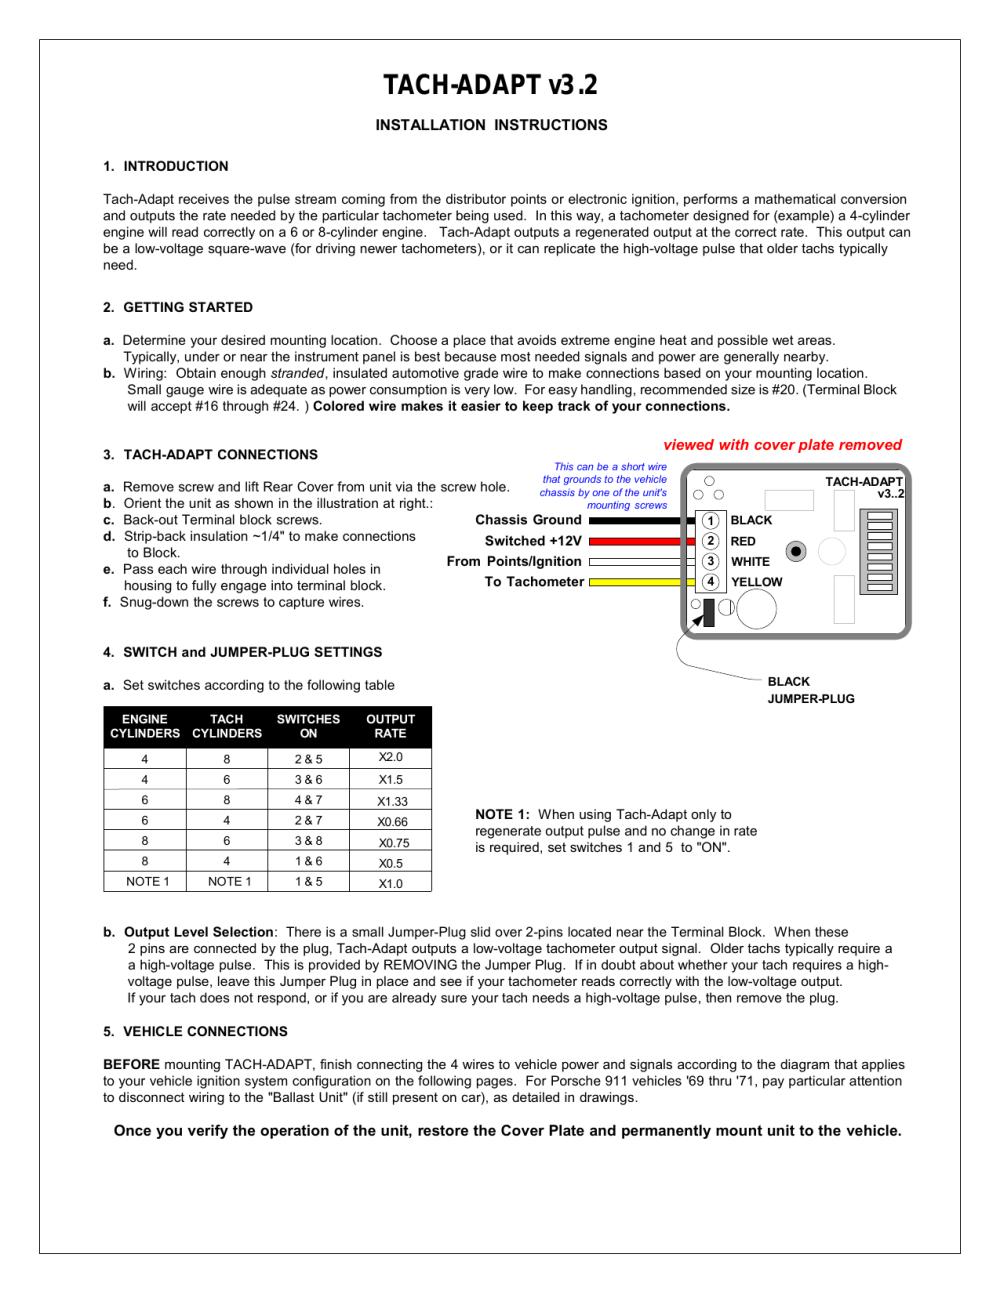 medium resolution of tach adapt v3 2